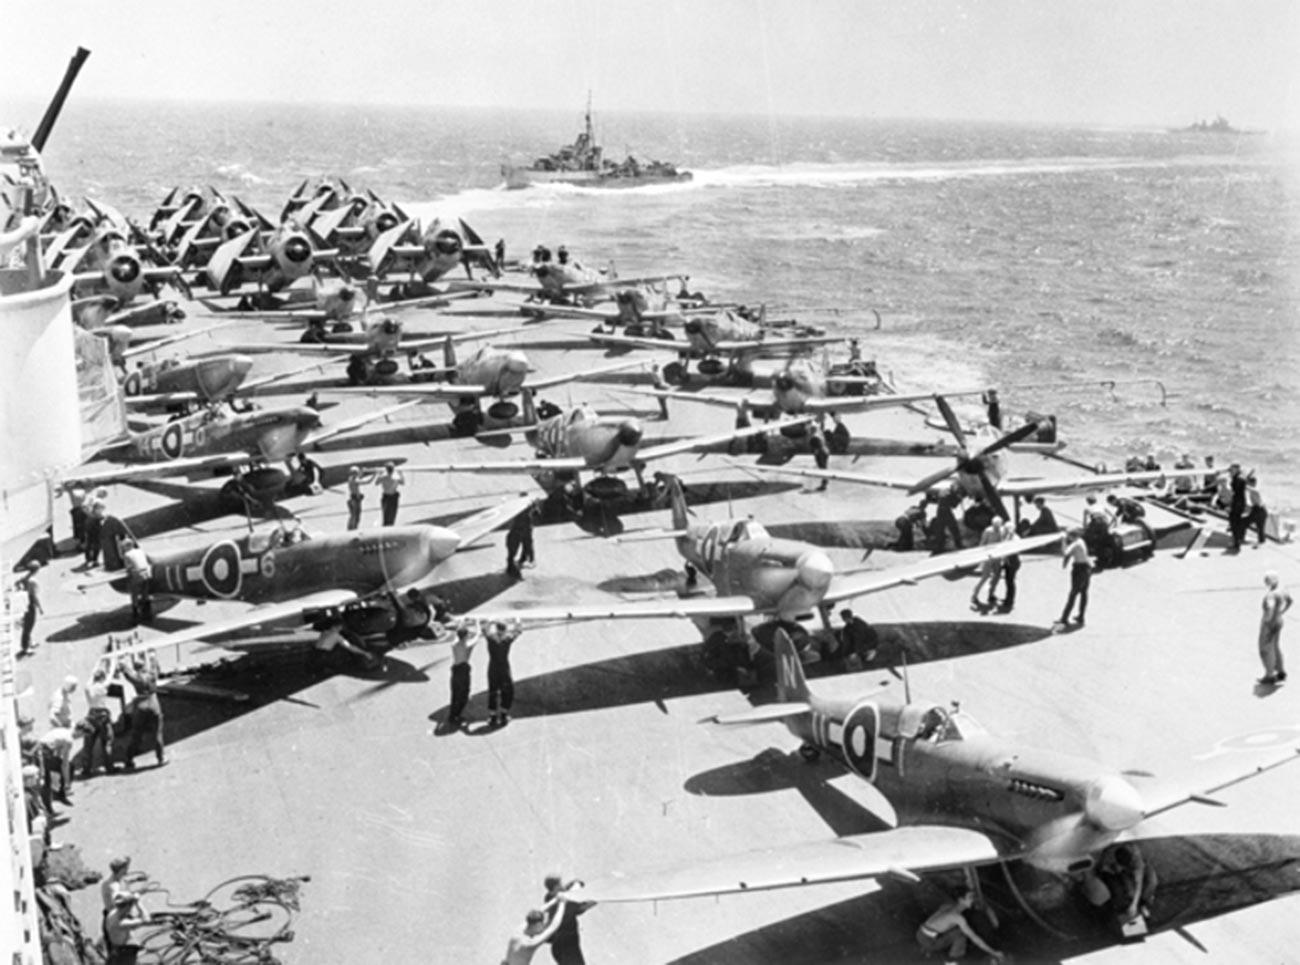 Авиони на палубата на носачот на авиони Имплејсибл